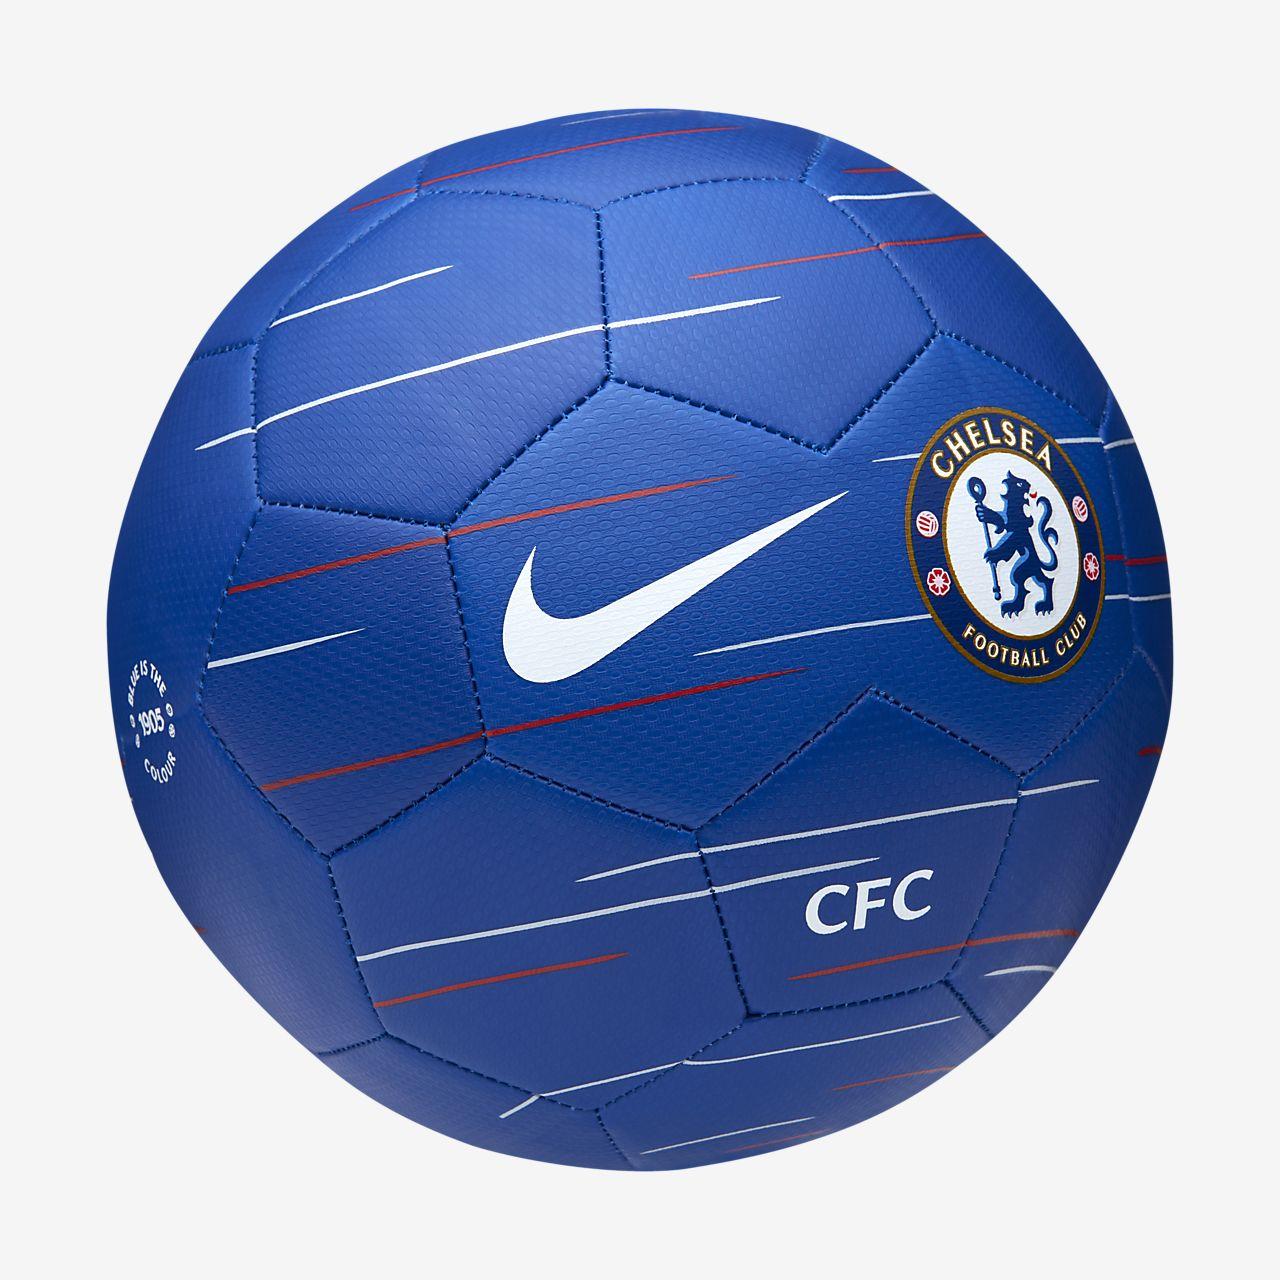 Ballon de football Chelsea FC Prestige. Nike.com CA 3696b3a6e5d